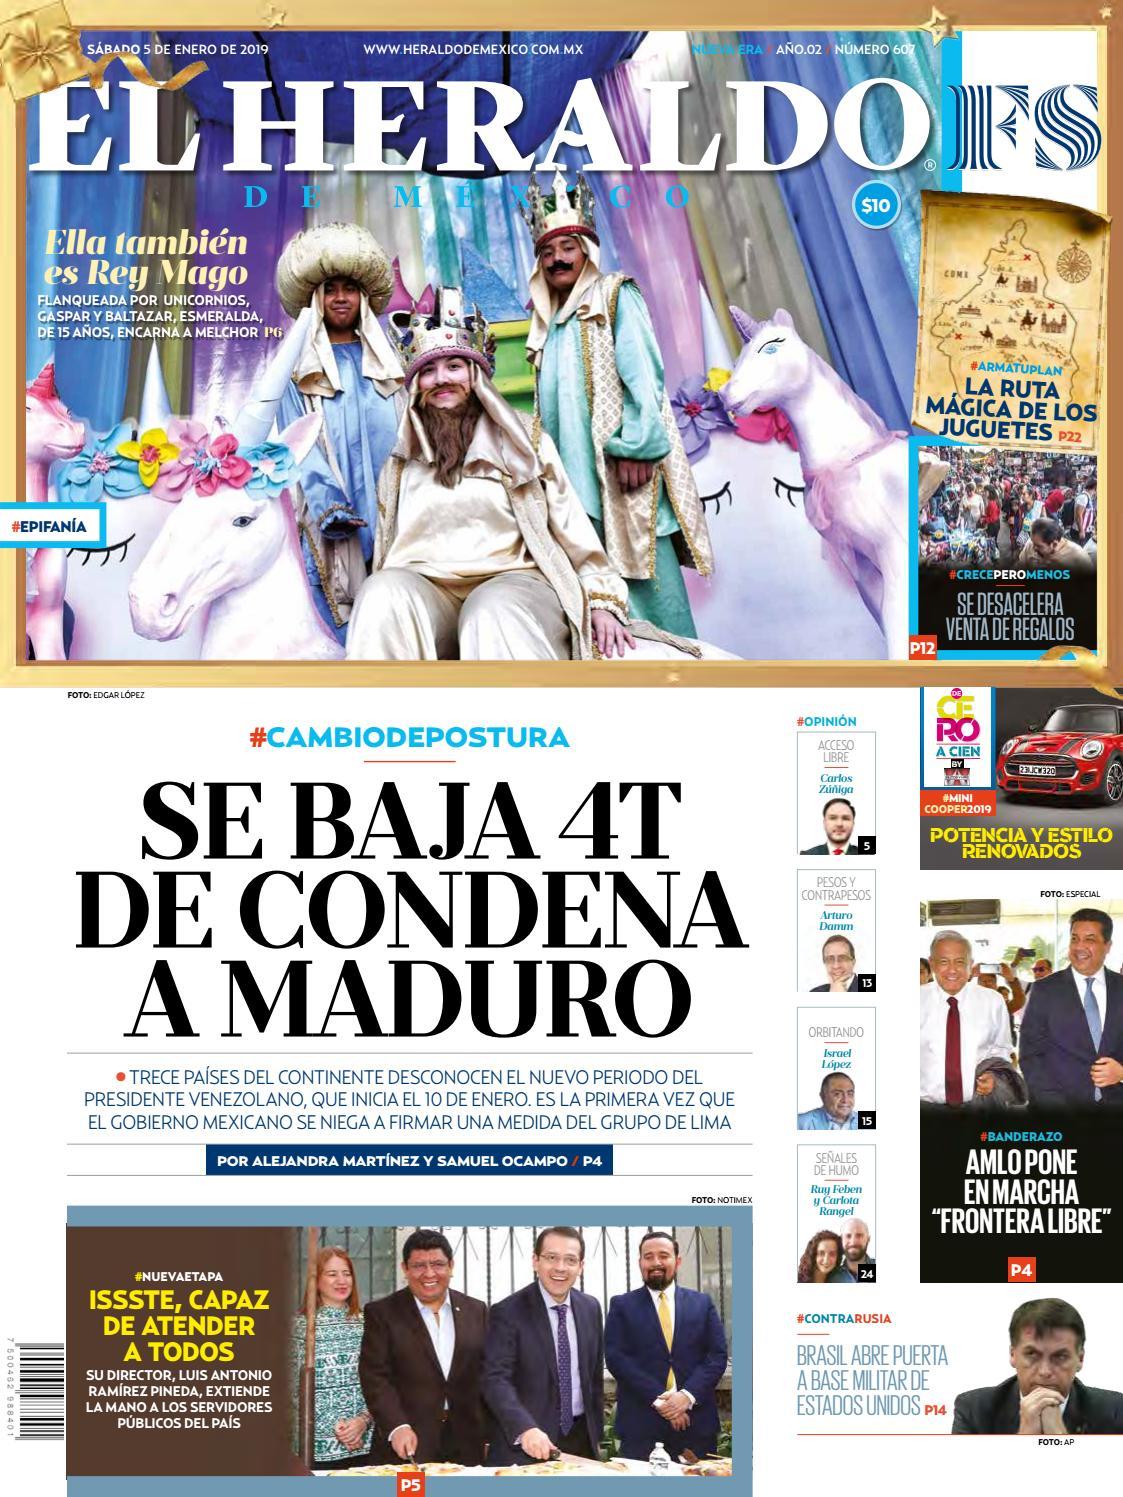 5 de enero de 2019 by El Heraldo de México - issuu ee6f2142c8e